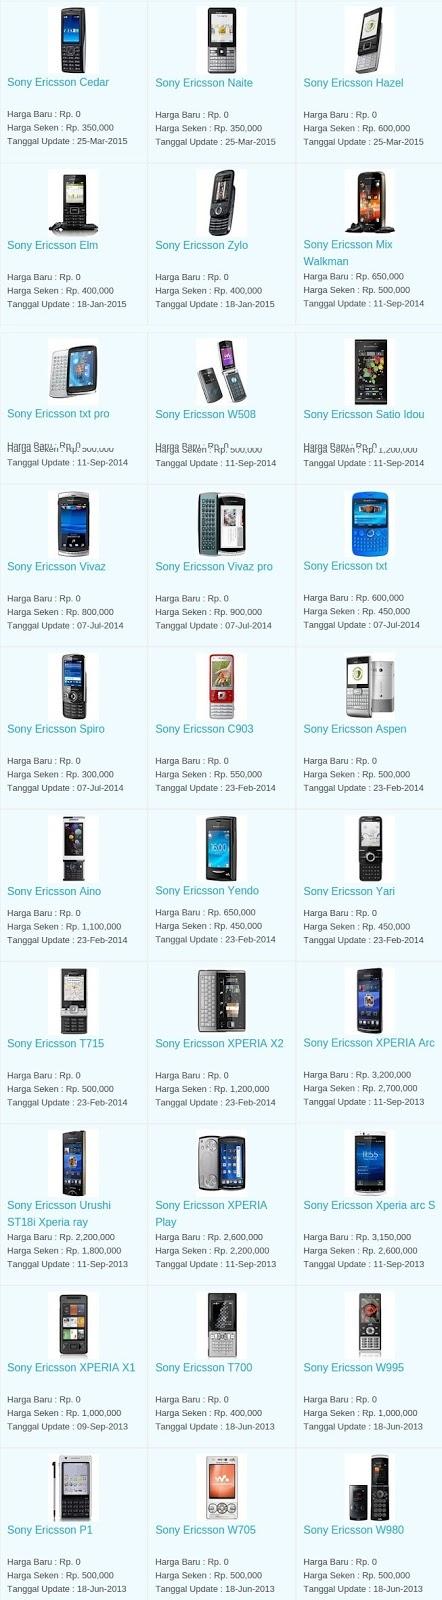 Daftar Harga Hp Terbaru Sony Ericsson Juni 2016